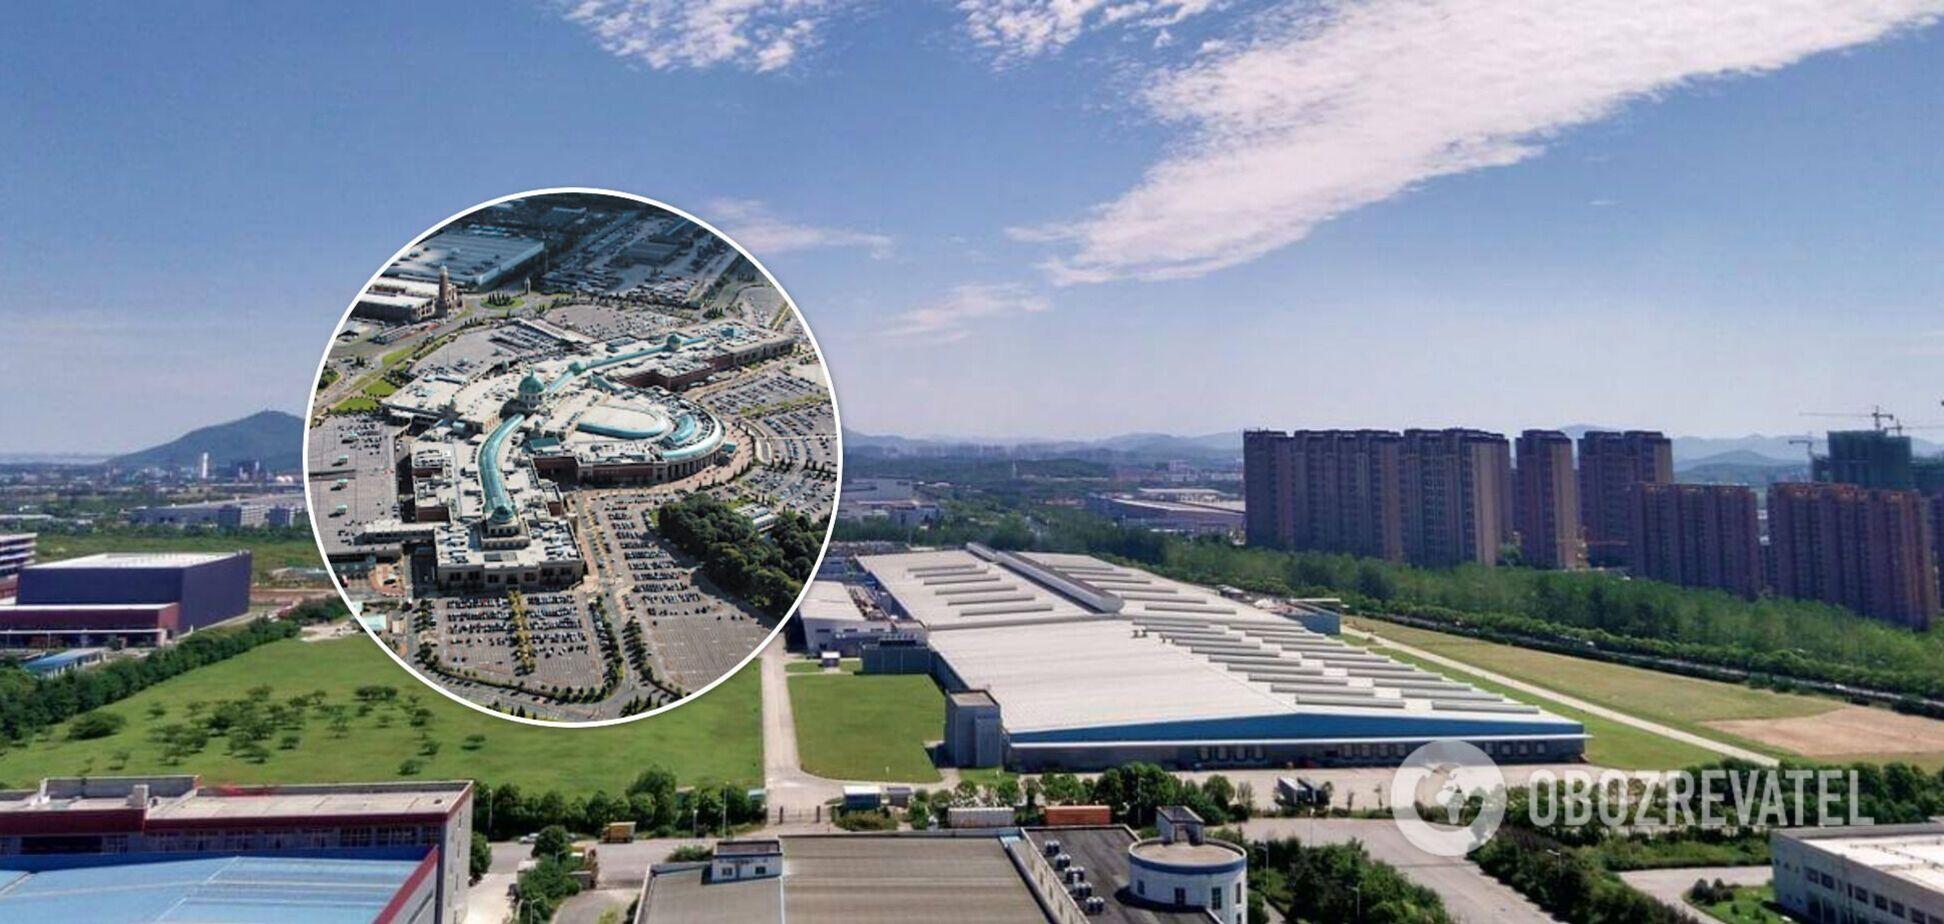 В Украине проведут открытый диалог бизнеса и власти относительно развития индустриальных парков: названы спикеры и дата